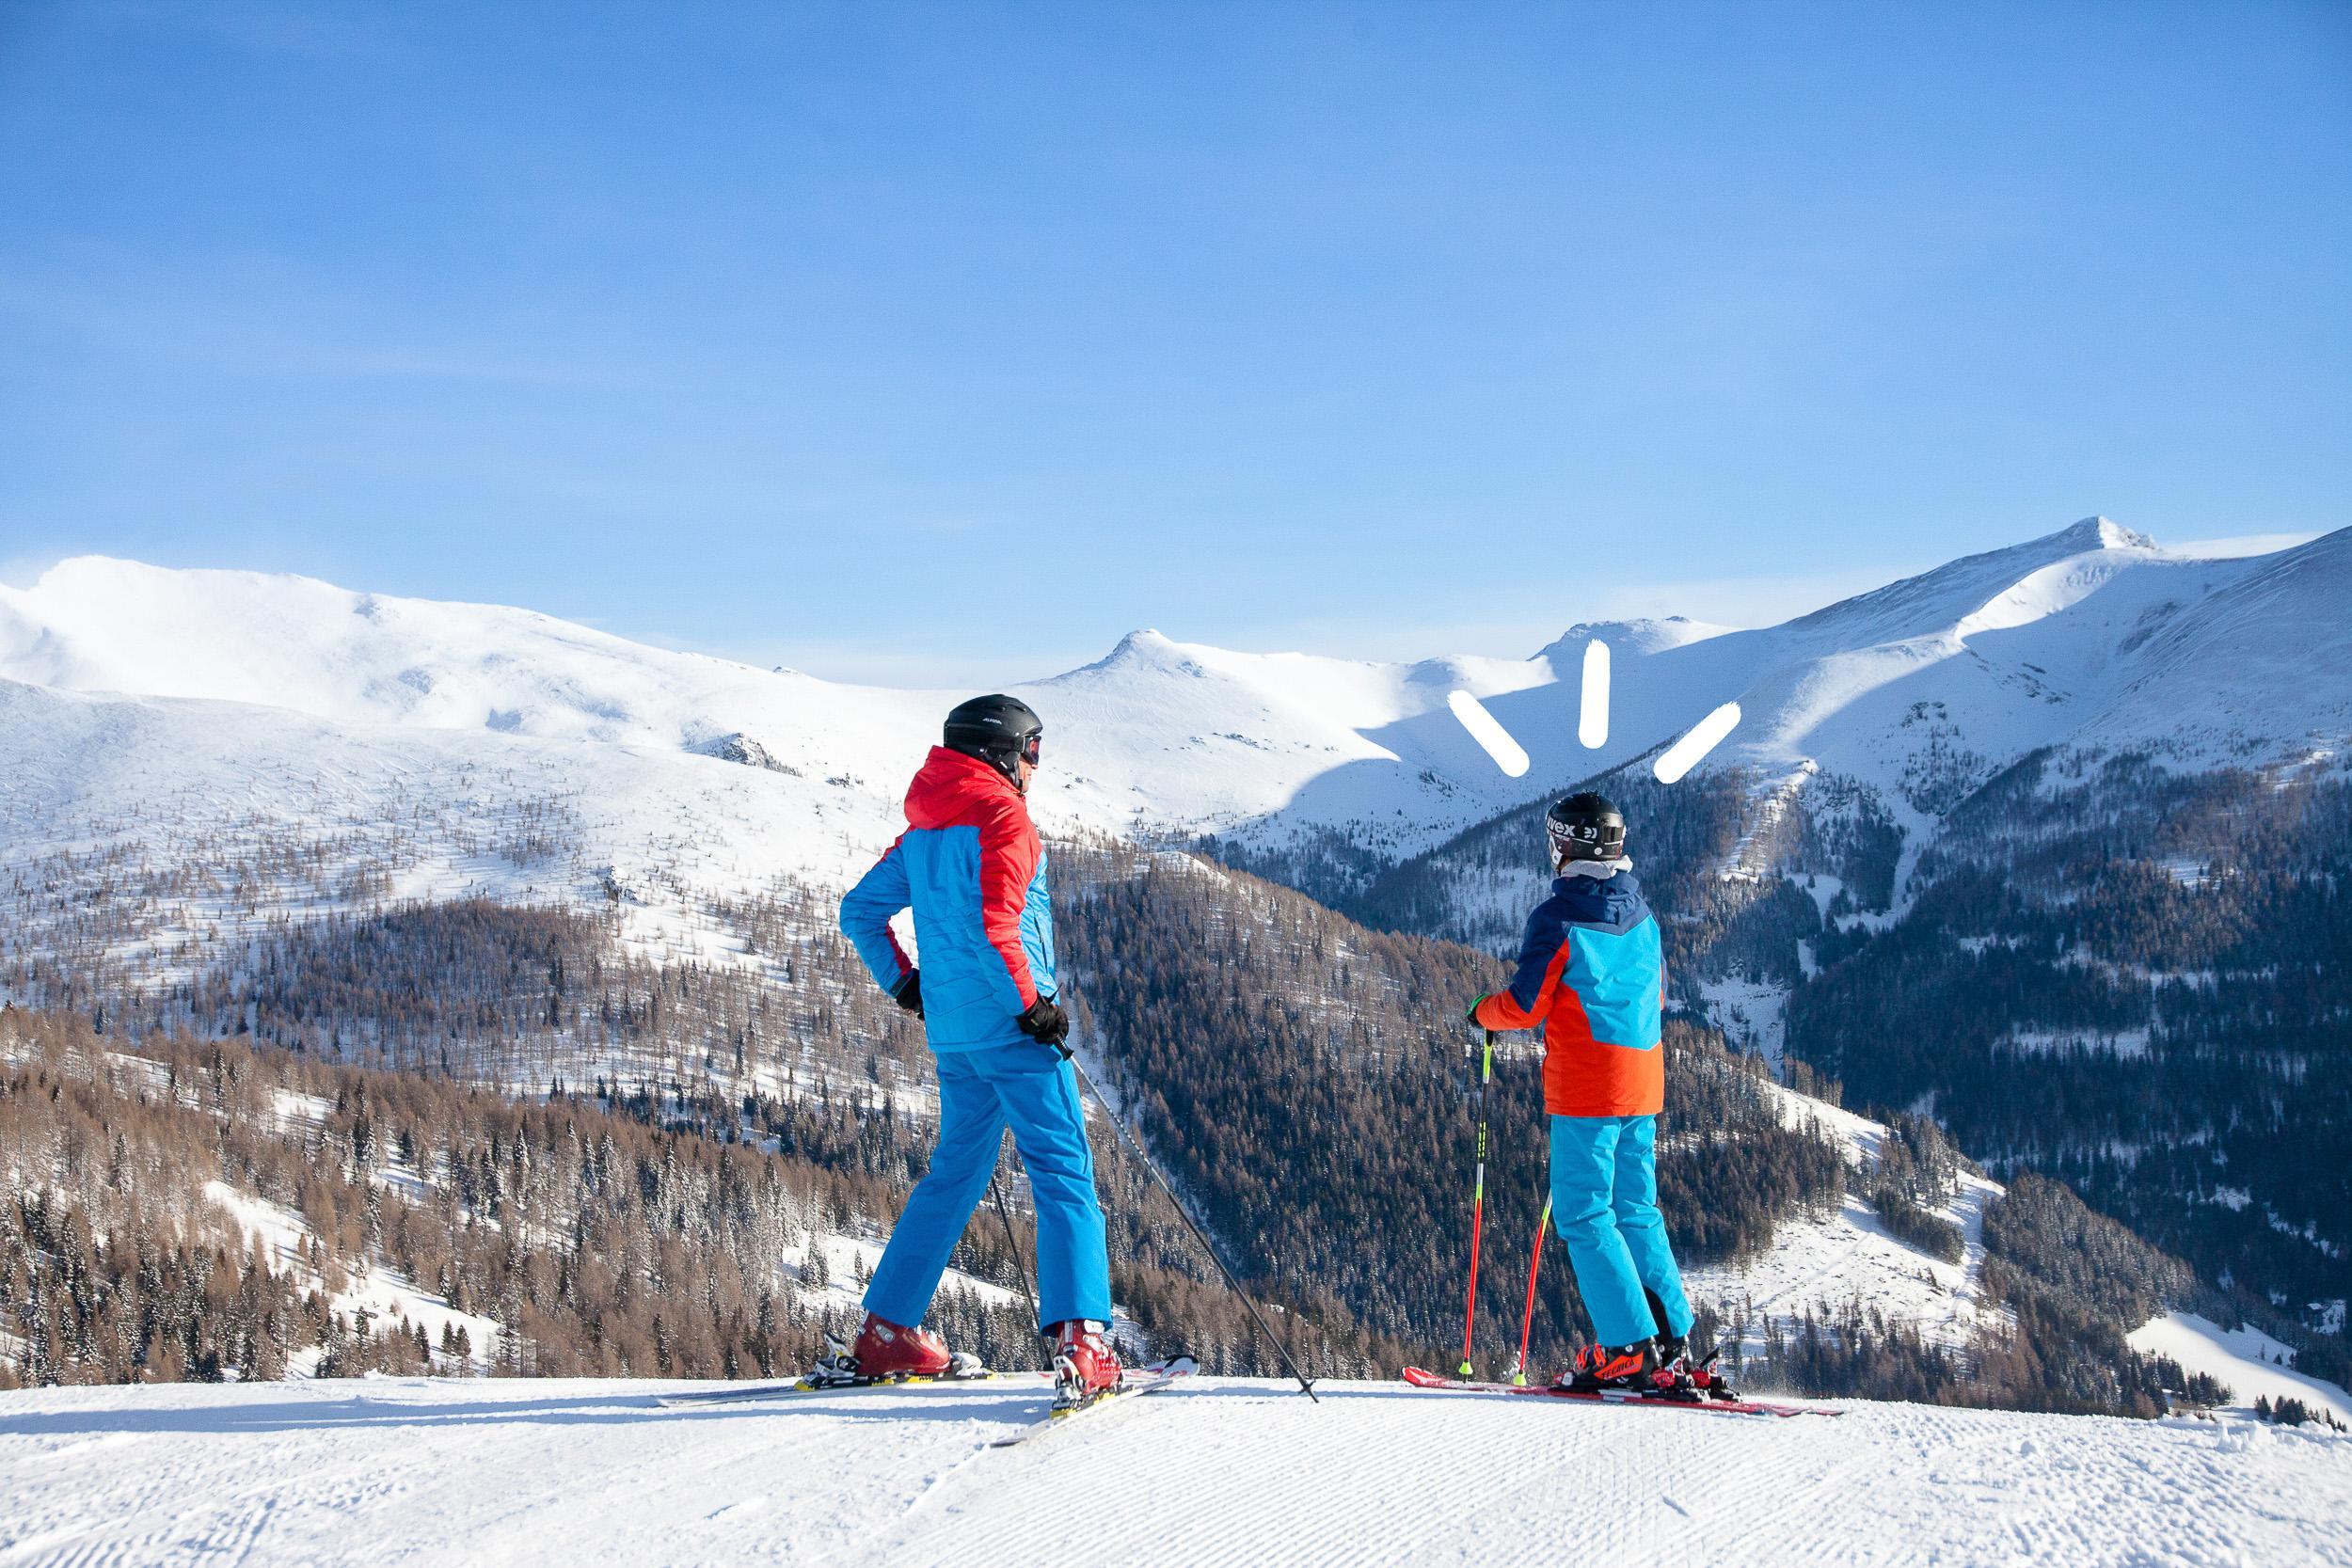 Winterurlaub in Bad Kleinkirchheim: Skifahren auf der Alpensüdseite von Österreich in Kärnten